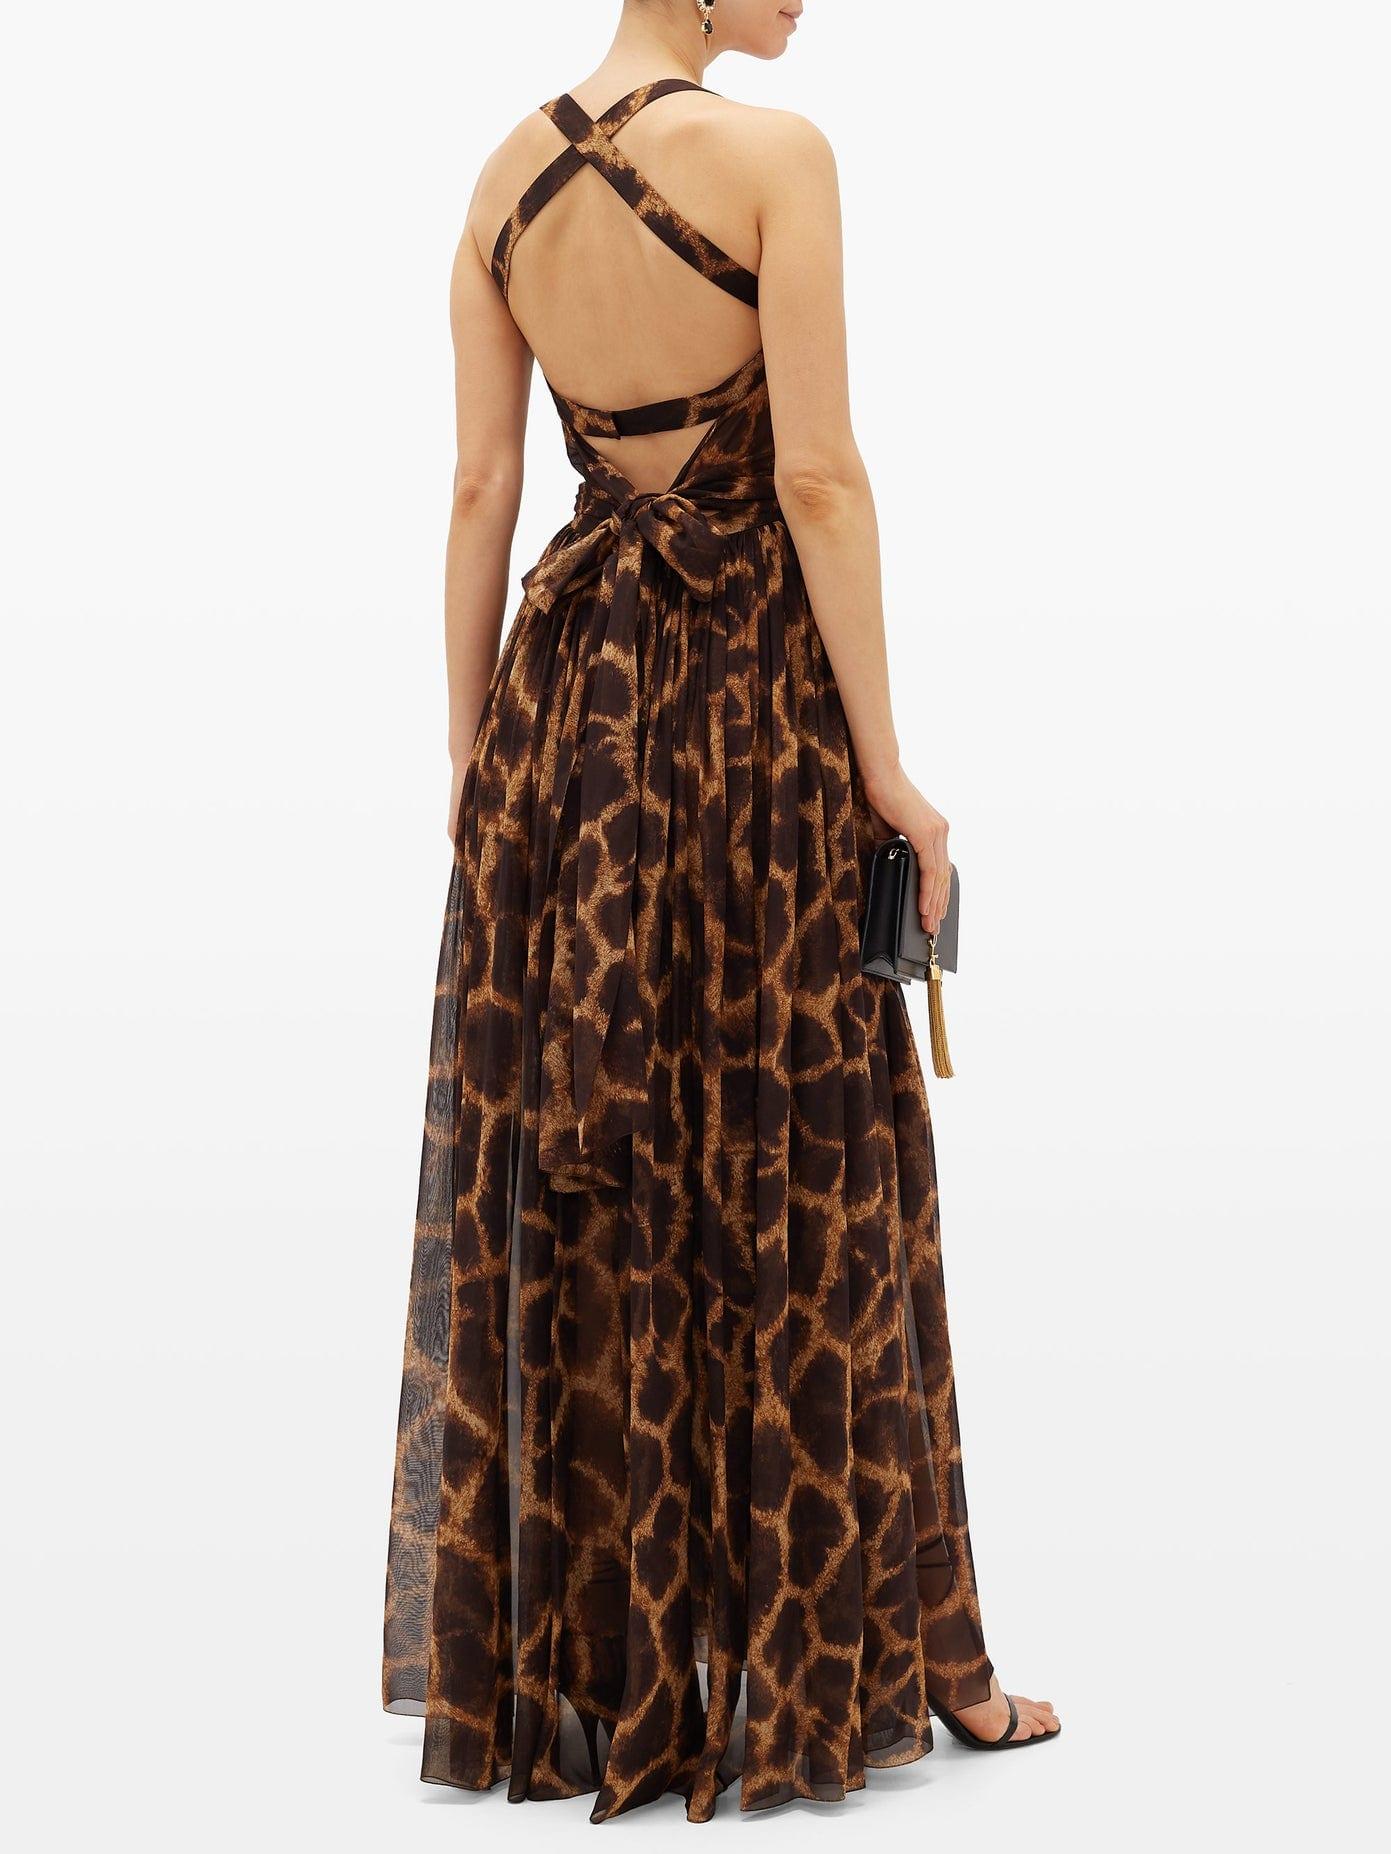 DOLCE & GABBANA Giraffe-print Silk-georgette Dress